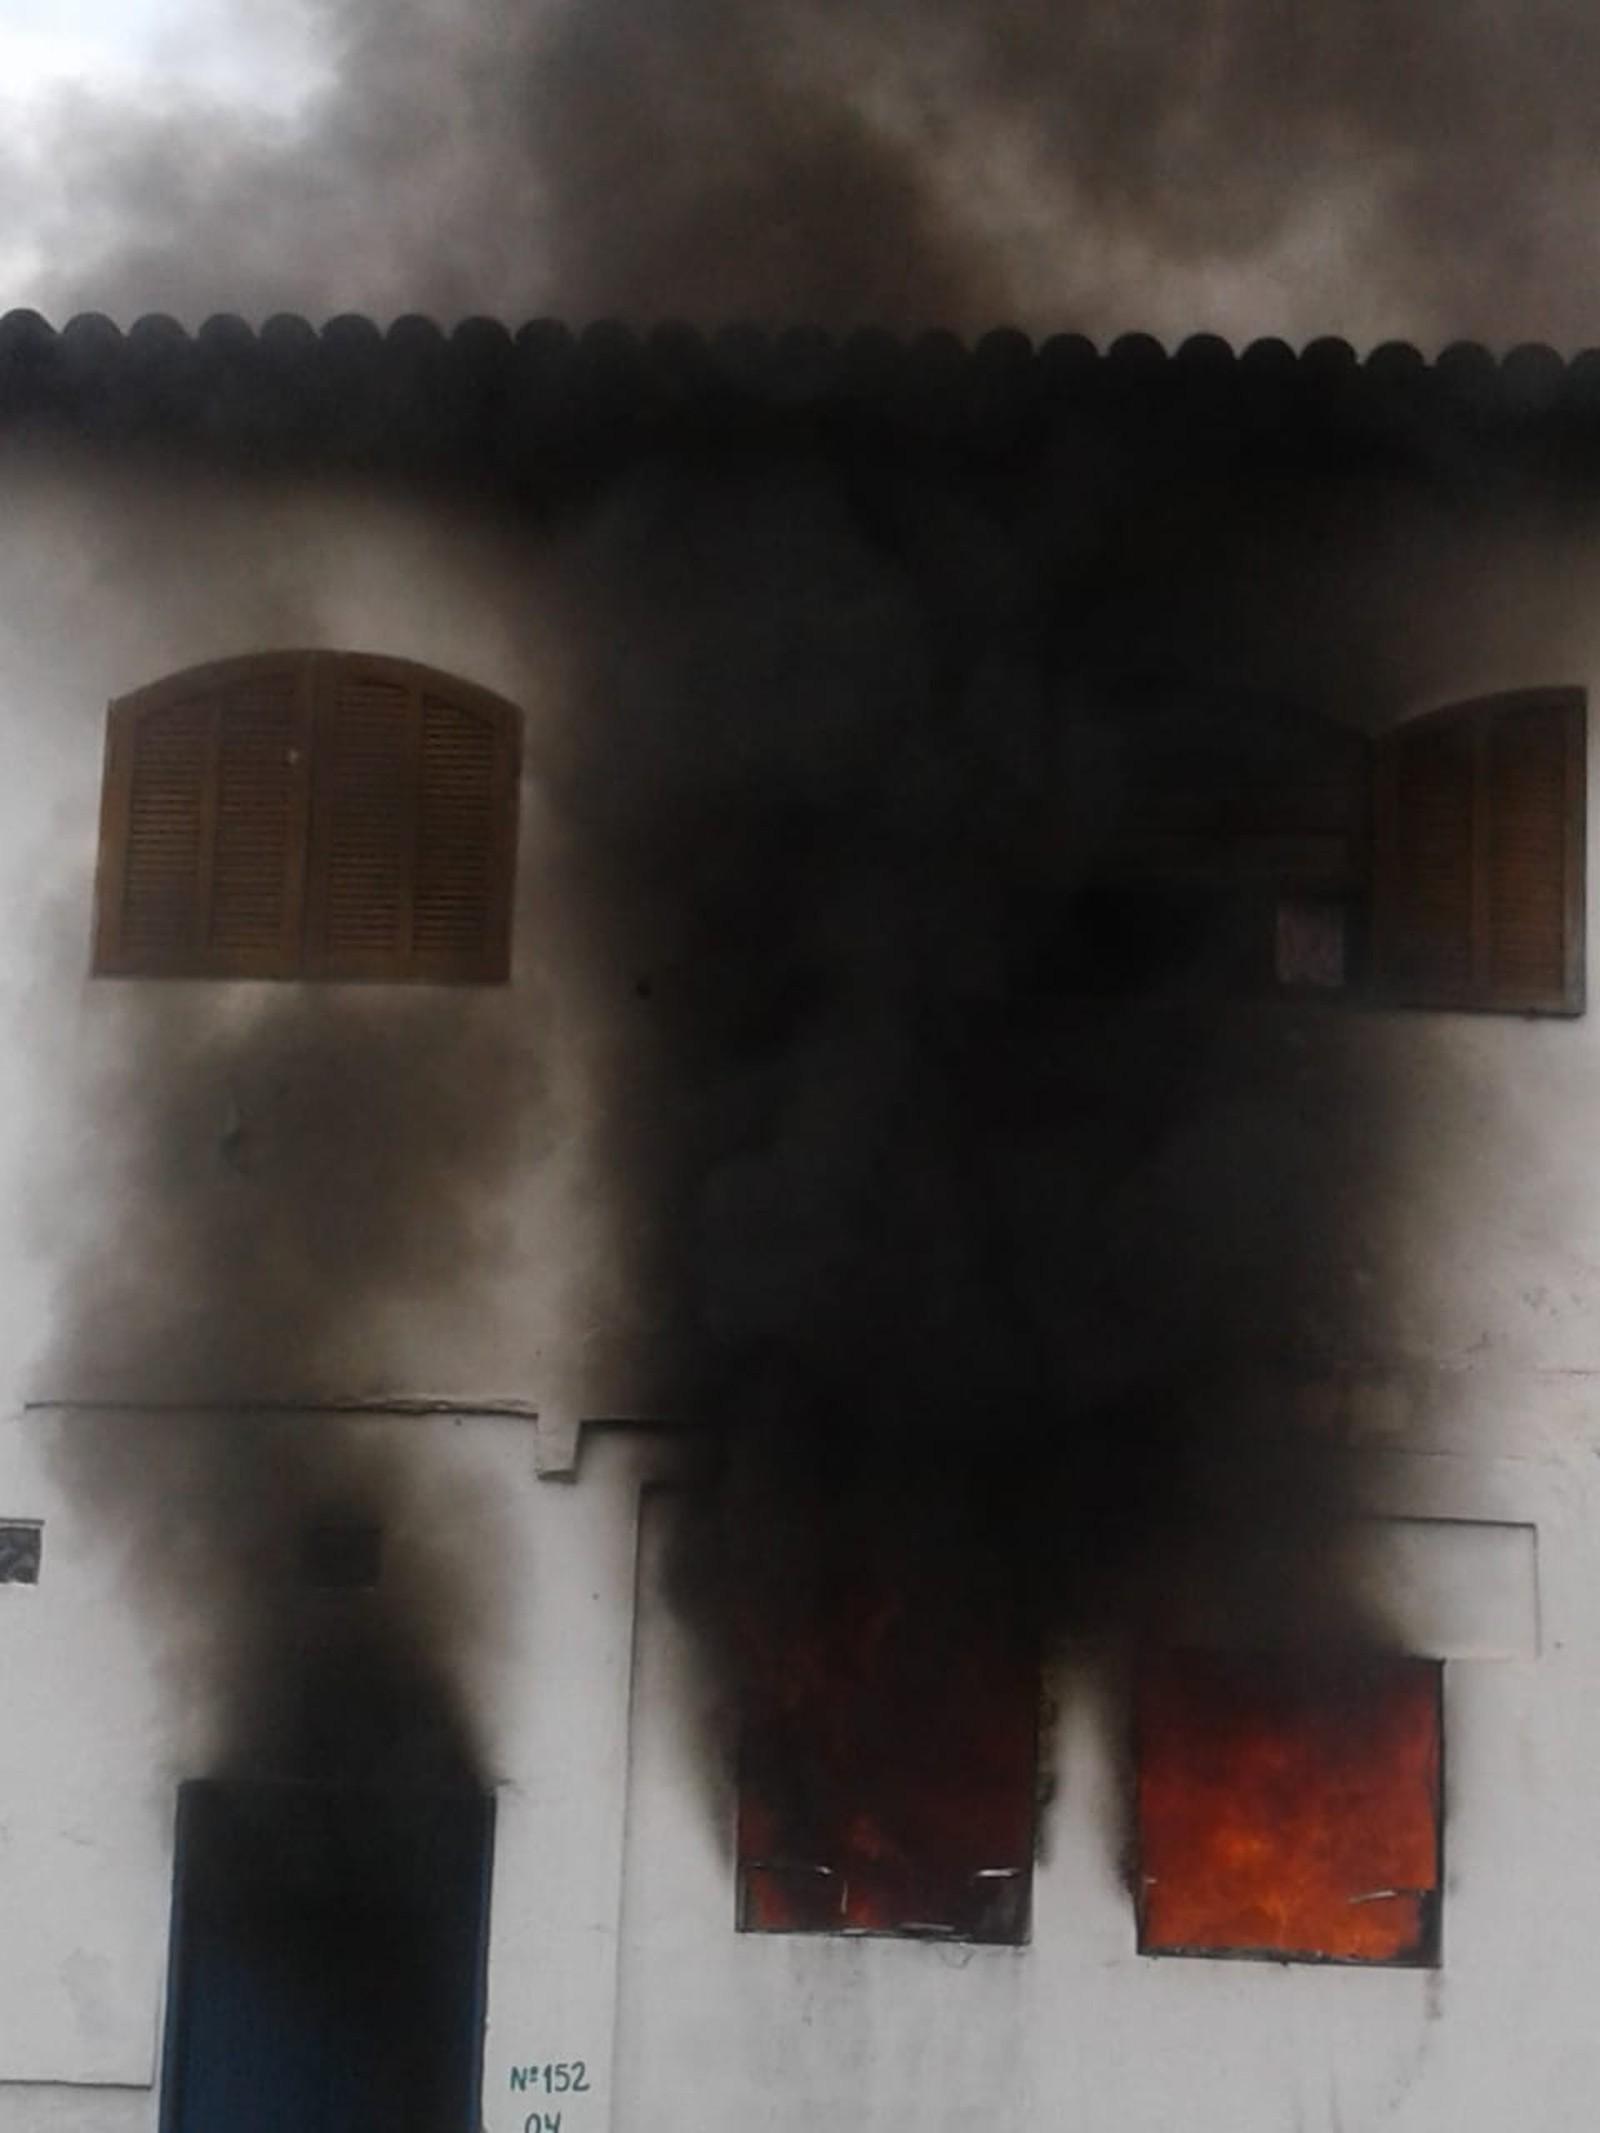 Três crianças morrem em incêndio dentro de casa em Paraty